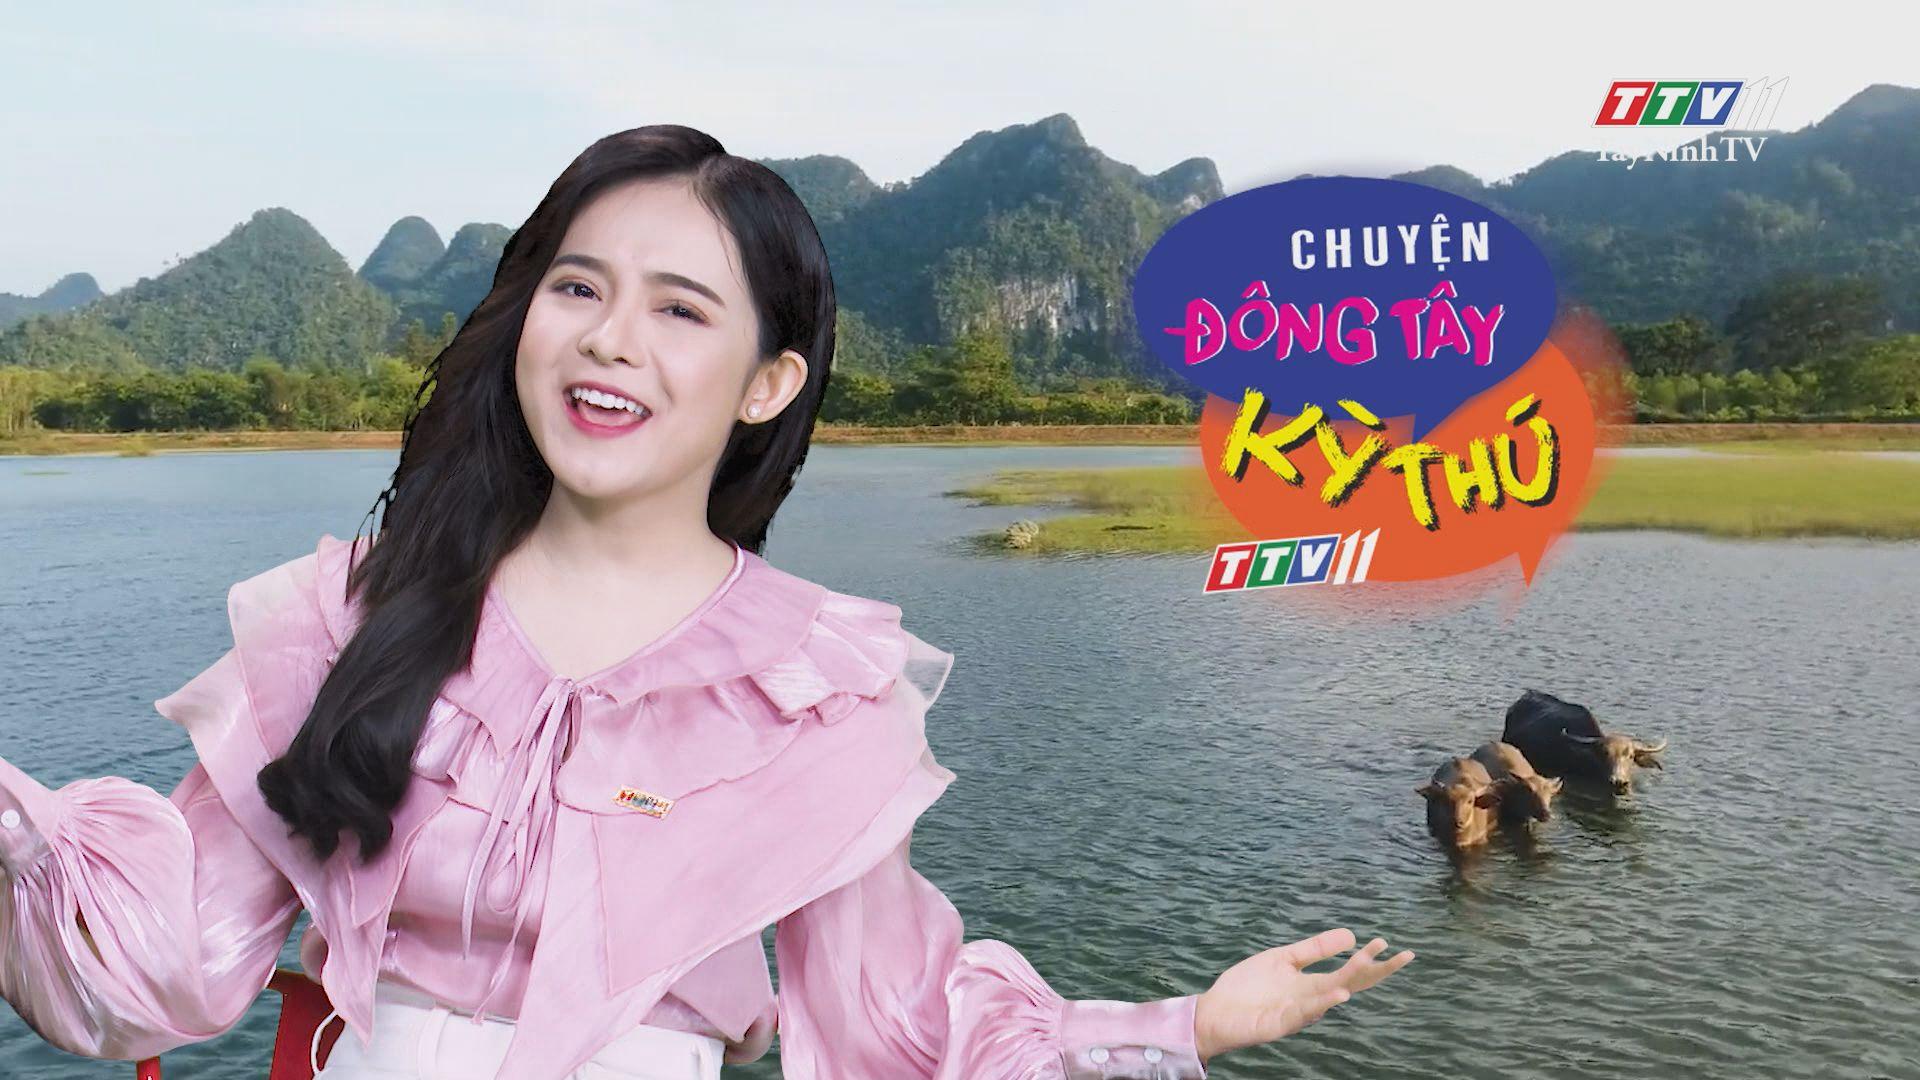 Chuyện Đông Tây Kỳ Thú 11-7-2020   TayNinhTV